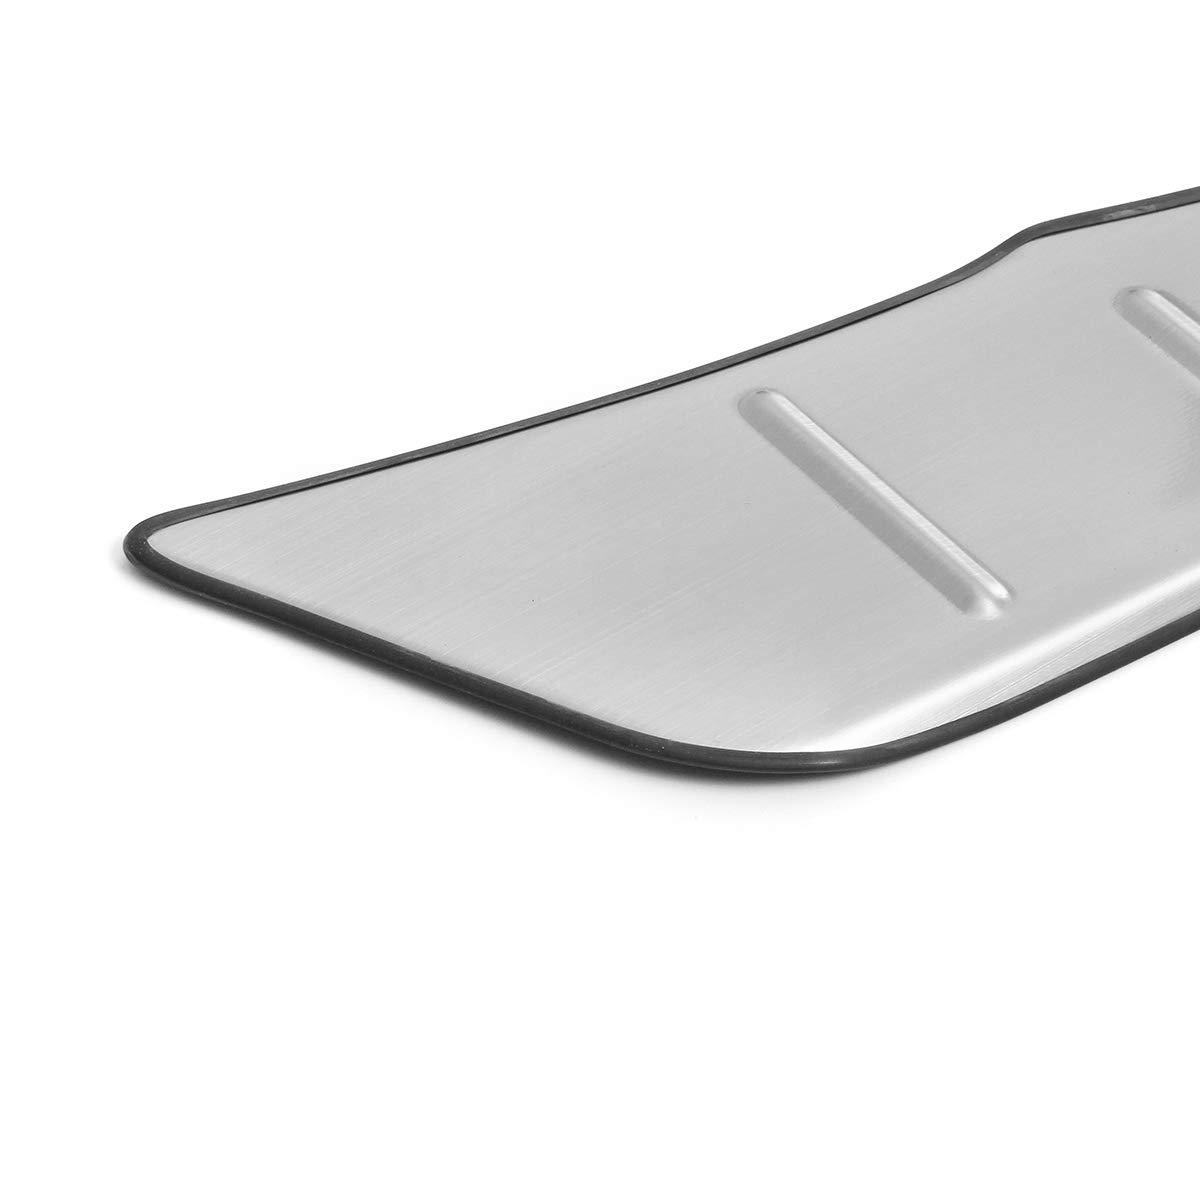 AAlamor en Acier Inoxydable Arri/ère Coffre Pad Roue Fender Accessoires De Voiture pour Toyota Chr 2016-2018